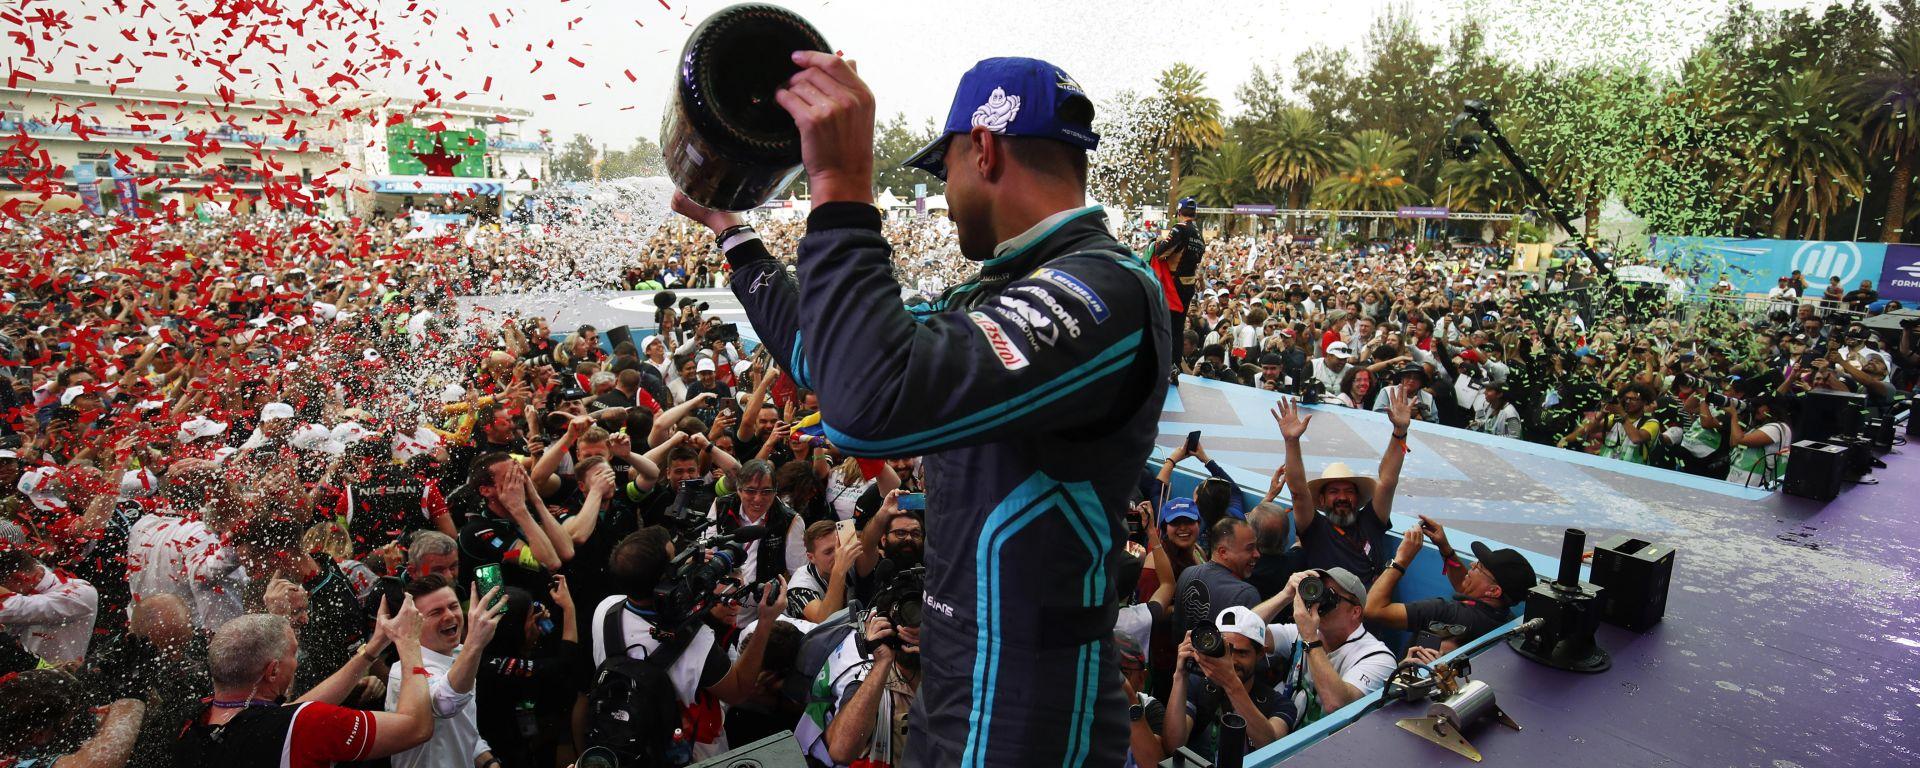 Formula E 2020, ePrix Città del Messico: Mitch Evans (Jaguar) festeggia sul podio